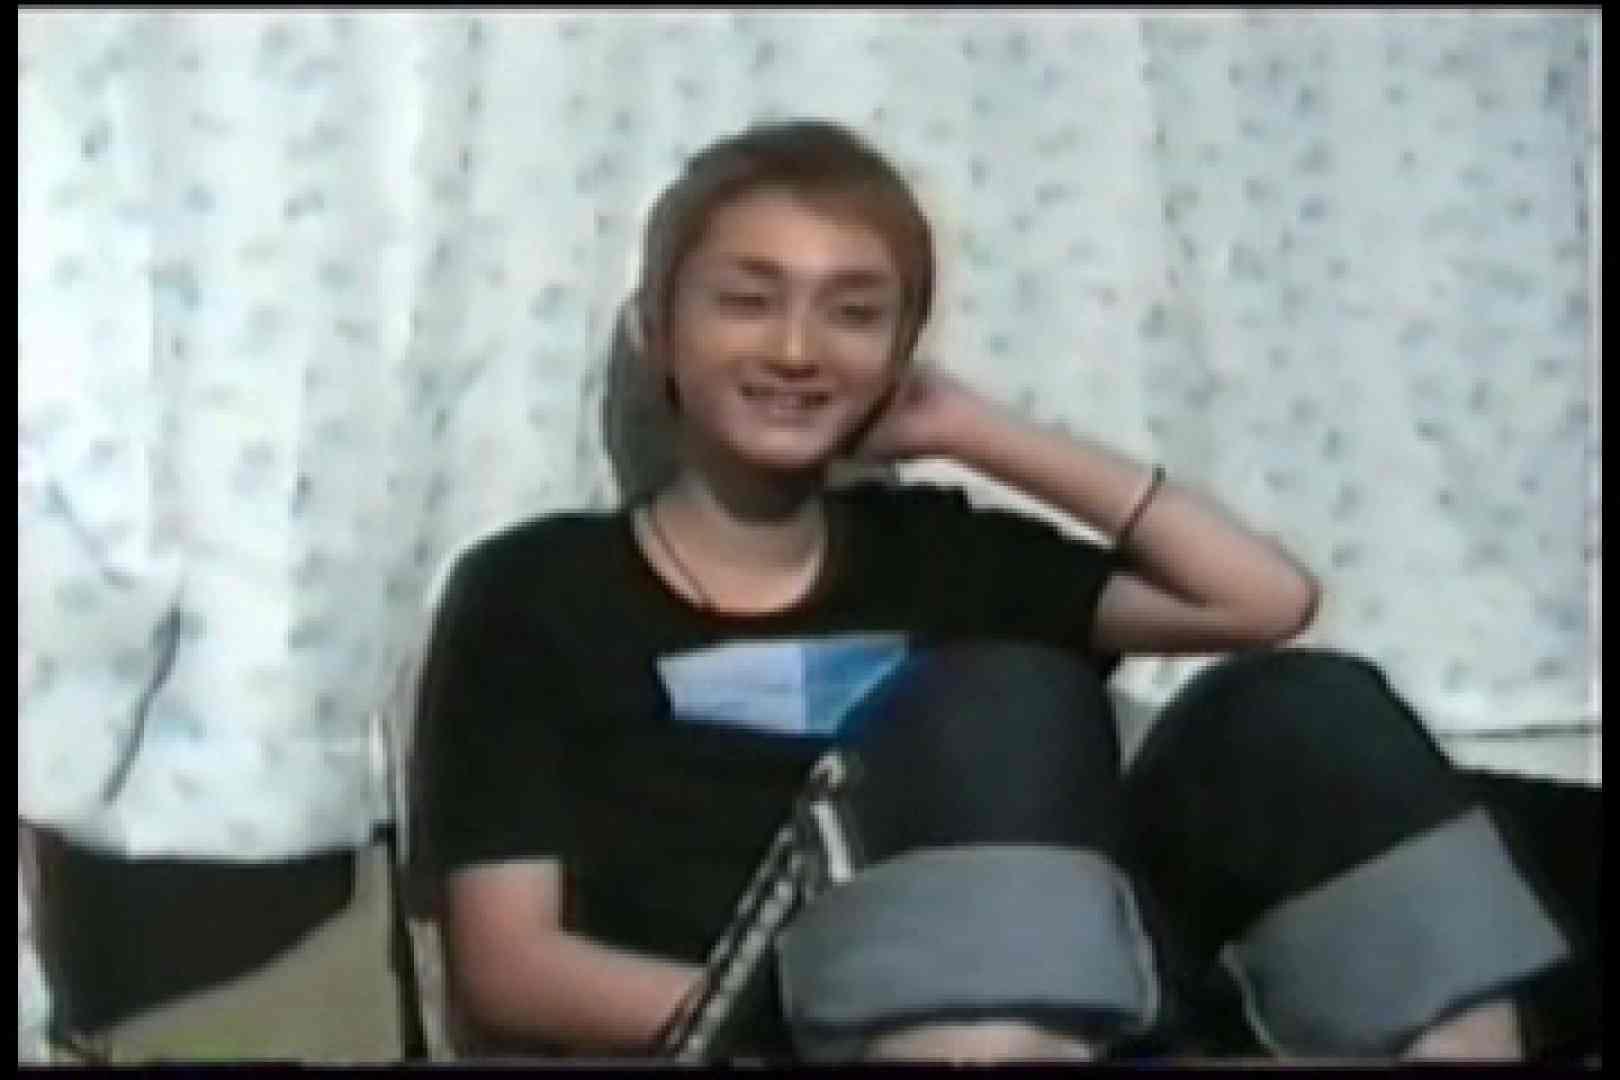 【流出】アイドルを目指したジャニ系イケメンの過去 ゲイのオナニー映像 ゲイアダルトビデオ紹介 61枚 23